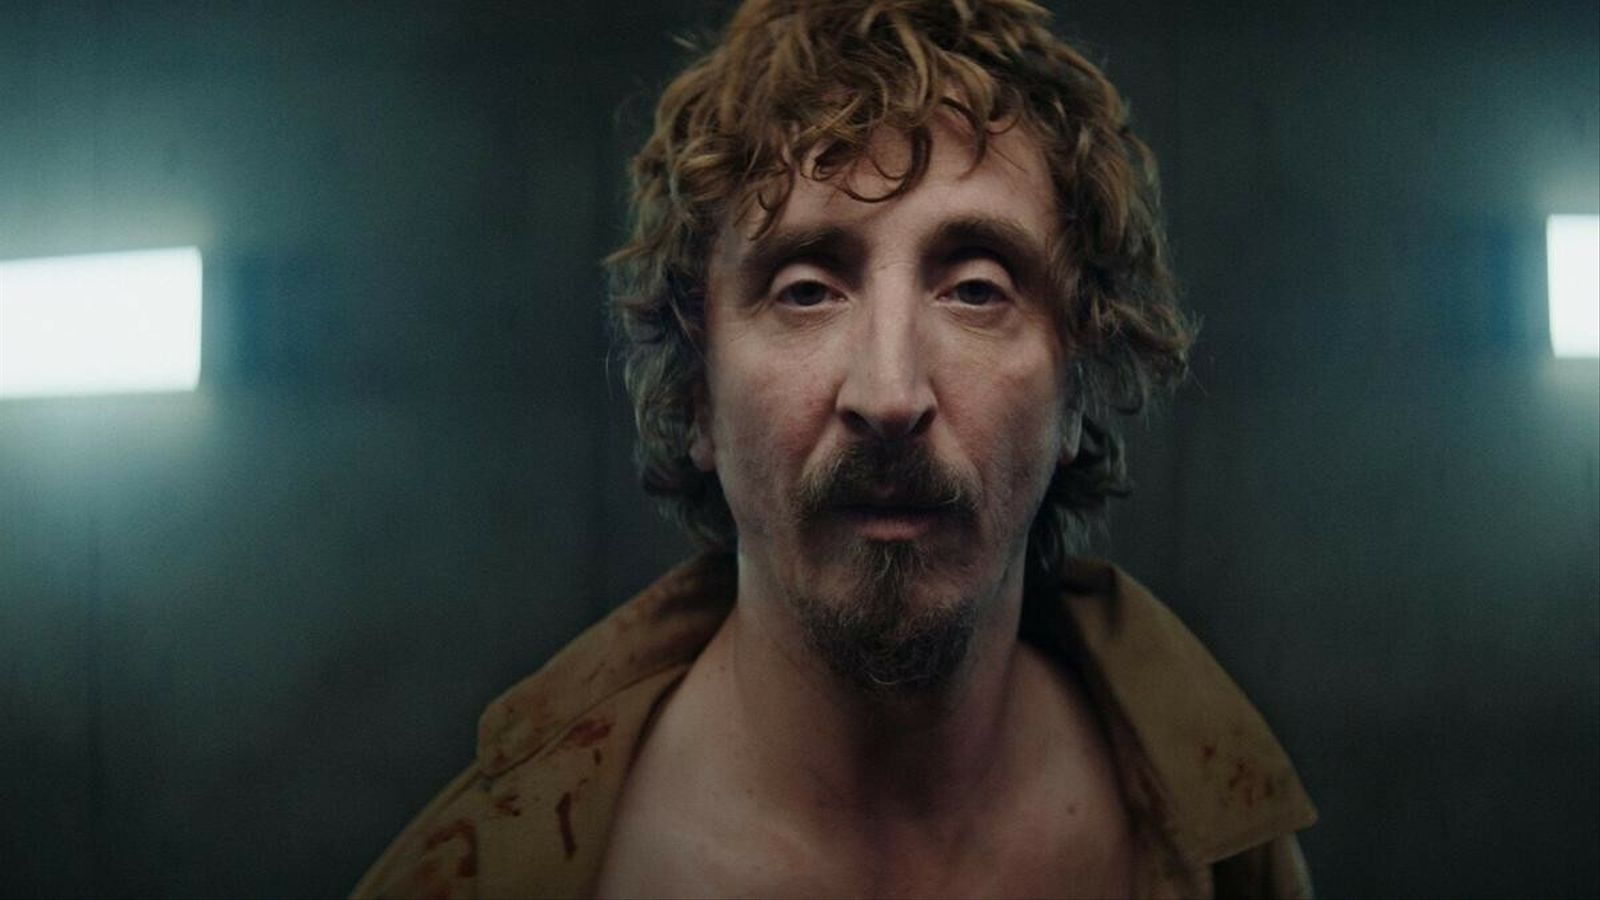 L''opera prima' 'El hoyo', premi a la millor pel·lícula del Festival de Sitges